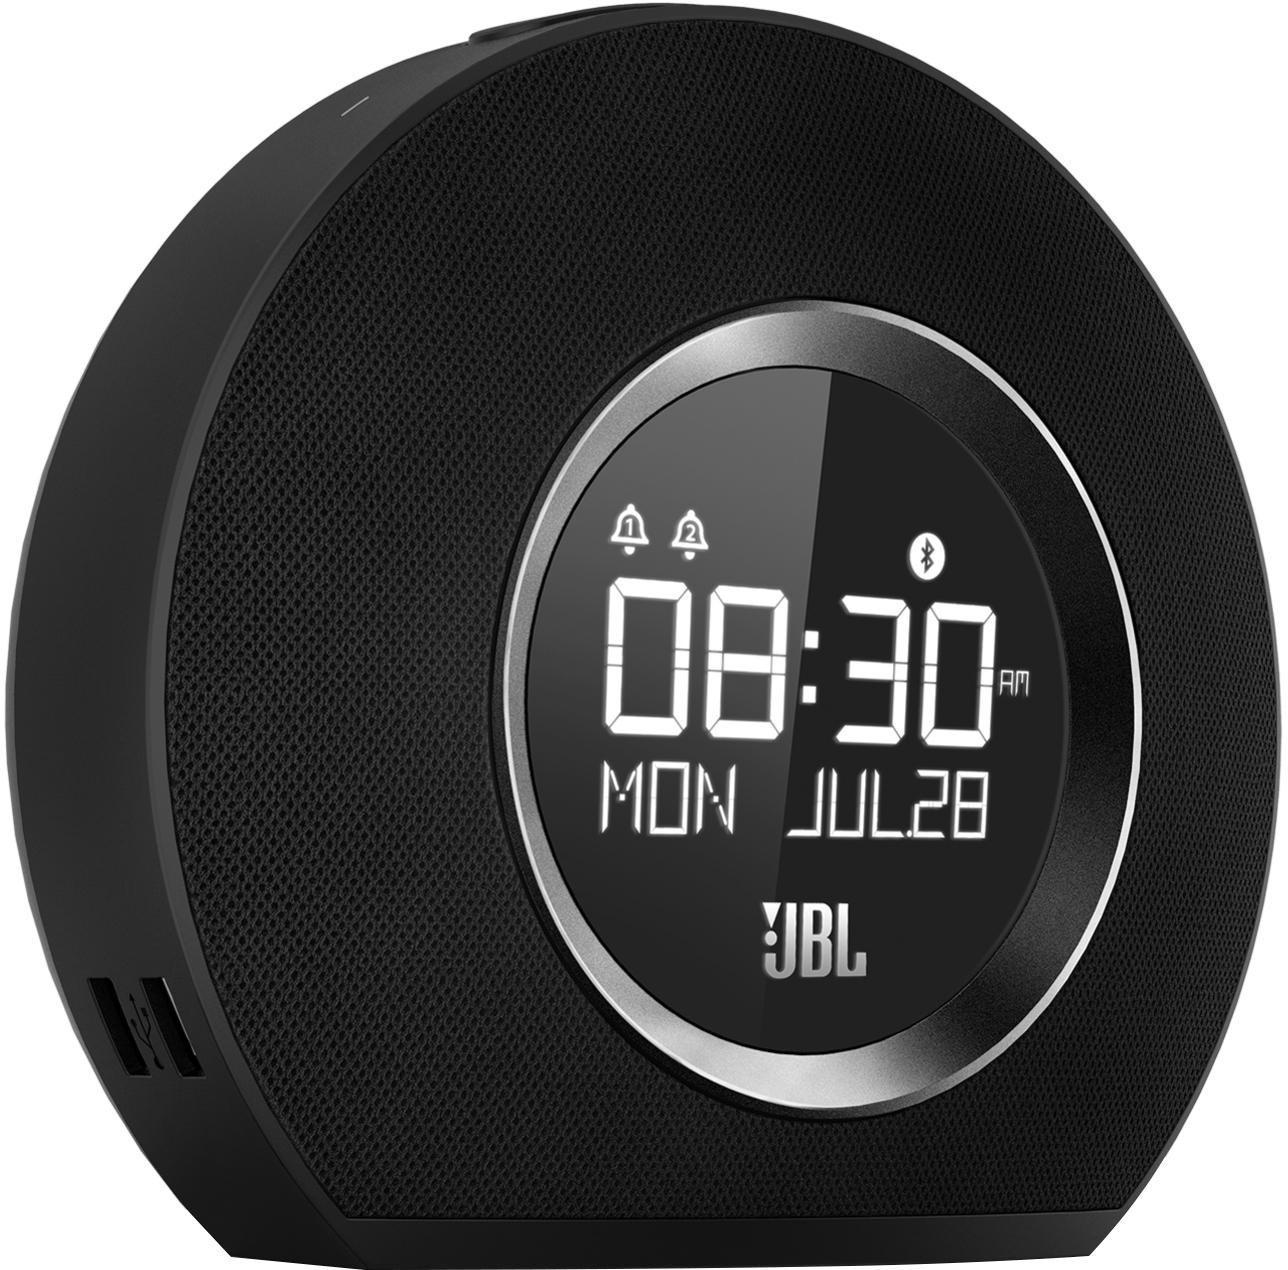 JBL Horizon wekkerradio bestellen: 14 dagen bedenktijd